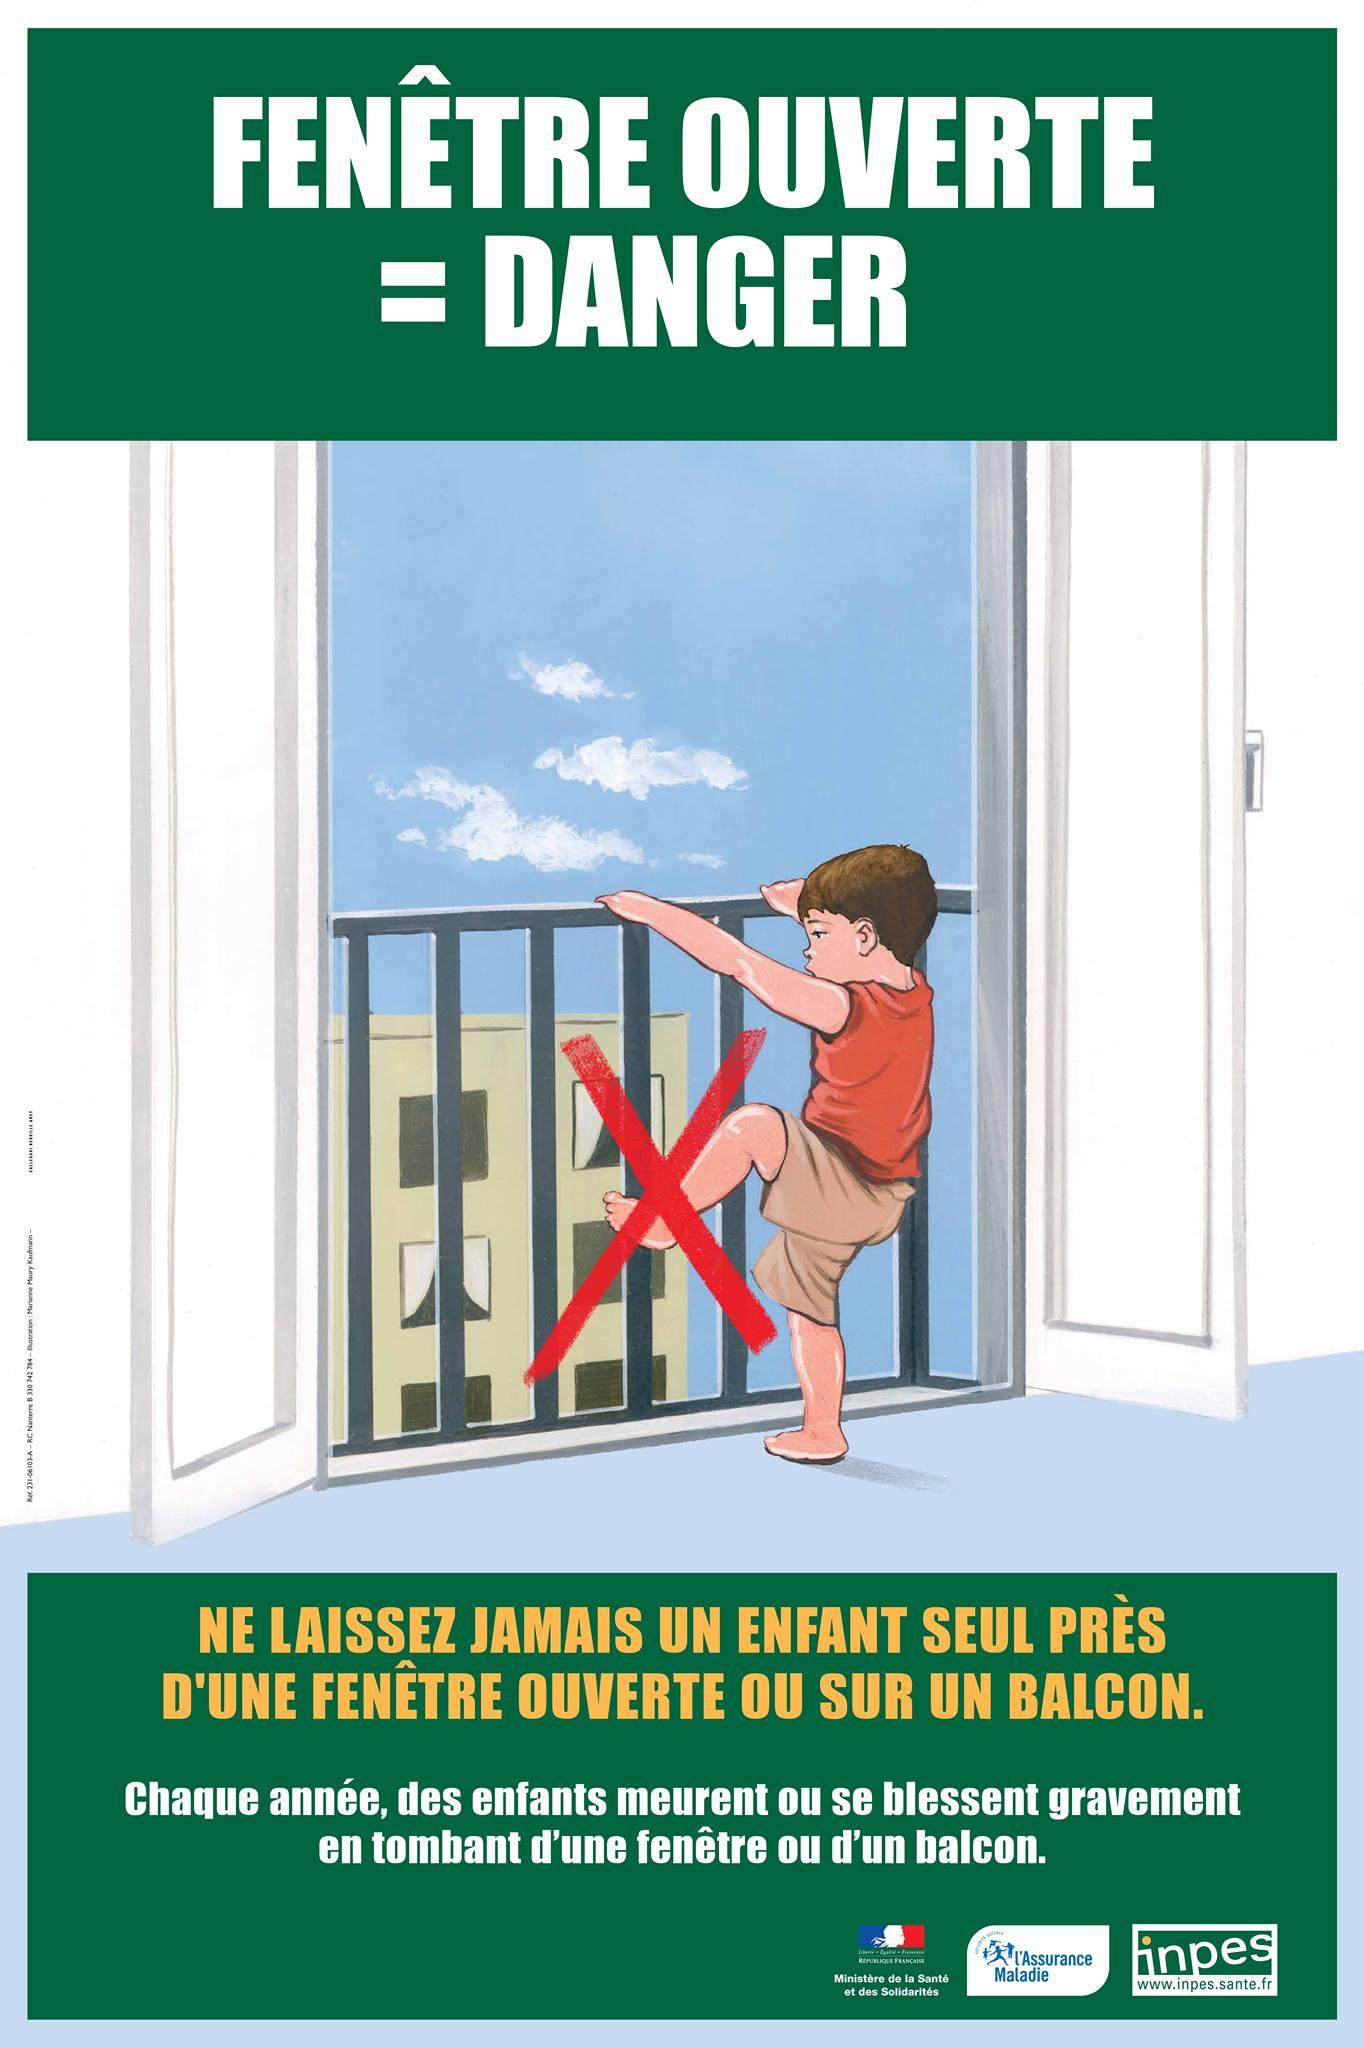 Fenêtre ouverte danger